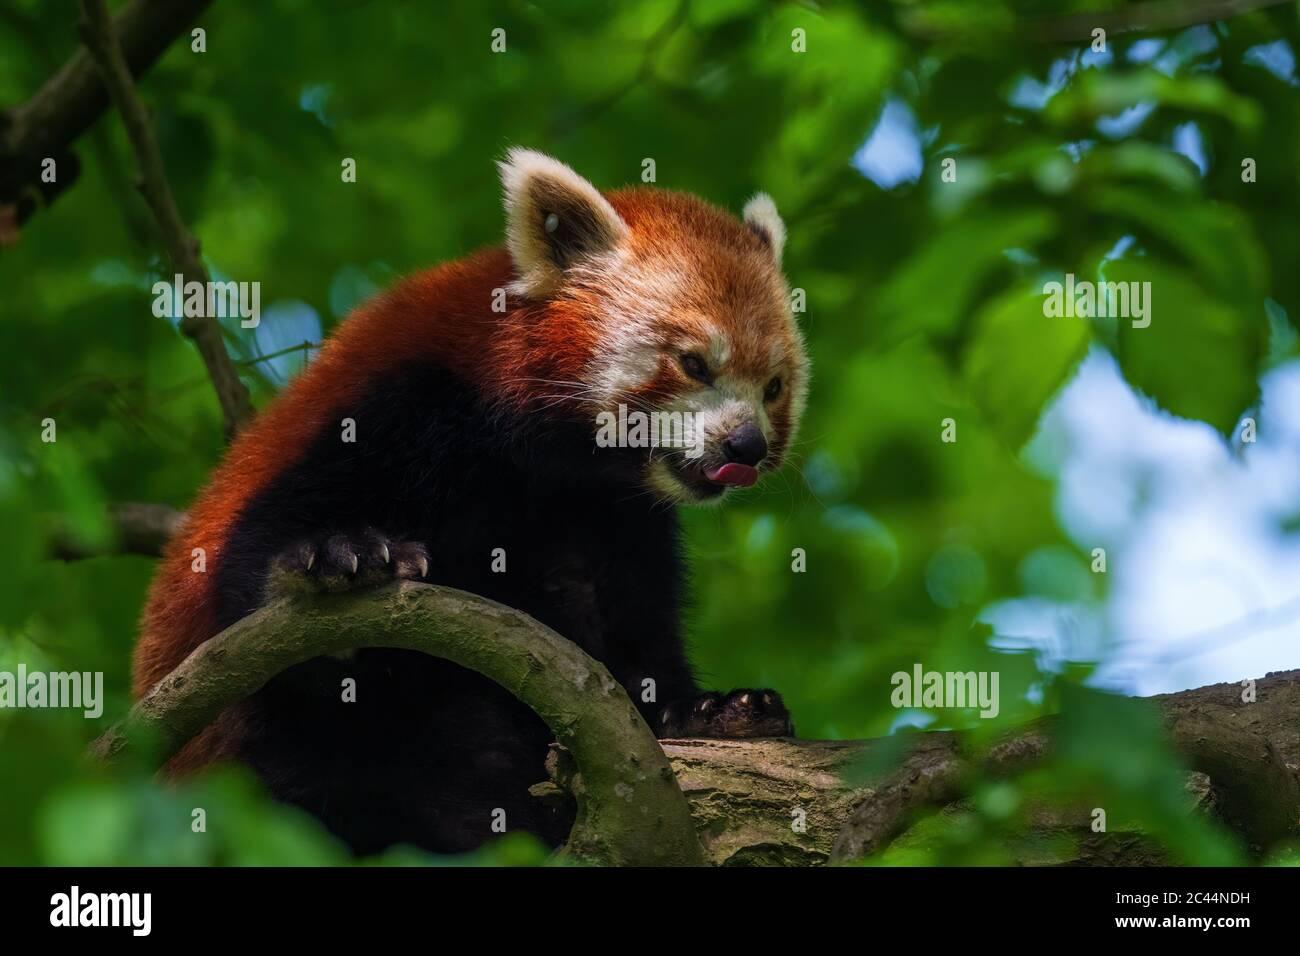 Panda rouge - Ailurus fulgens, populaire petit panda de forêts et de terres boisées asiatiques, Chine. Banque D'Images